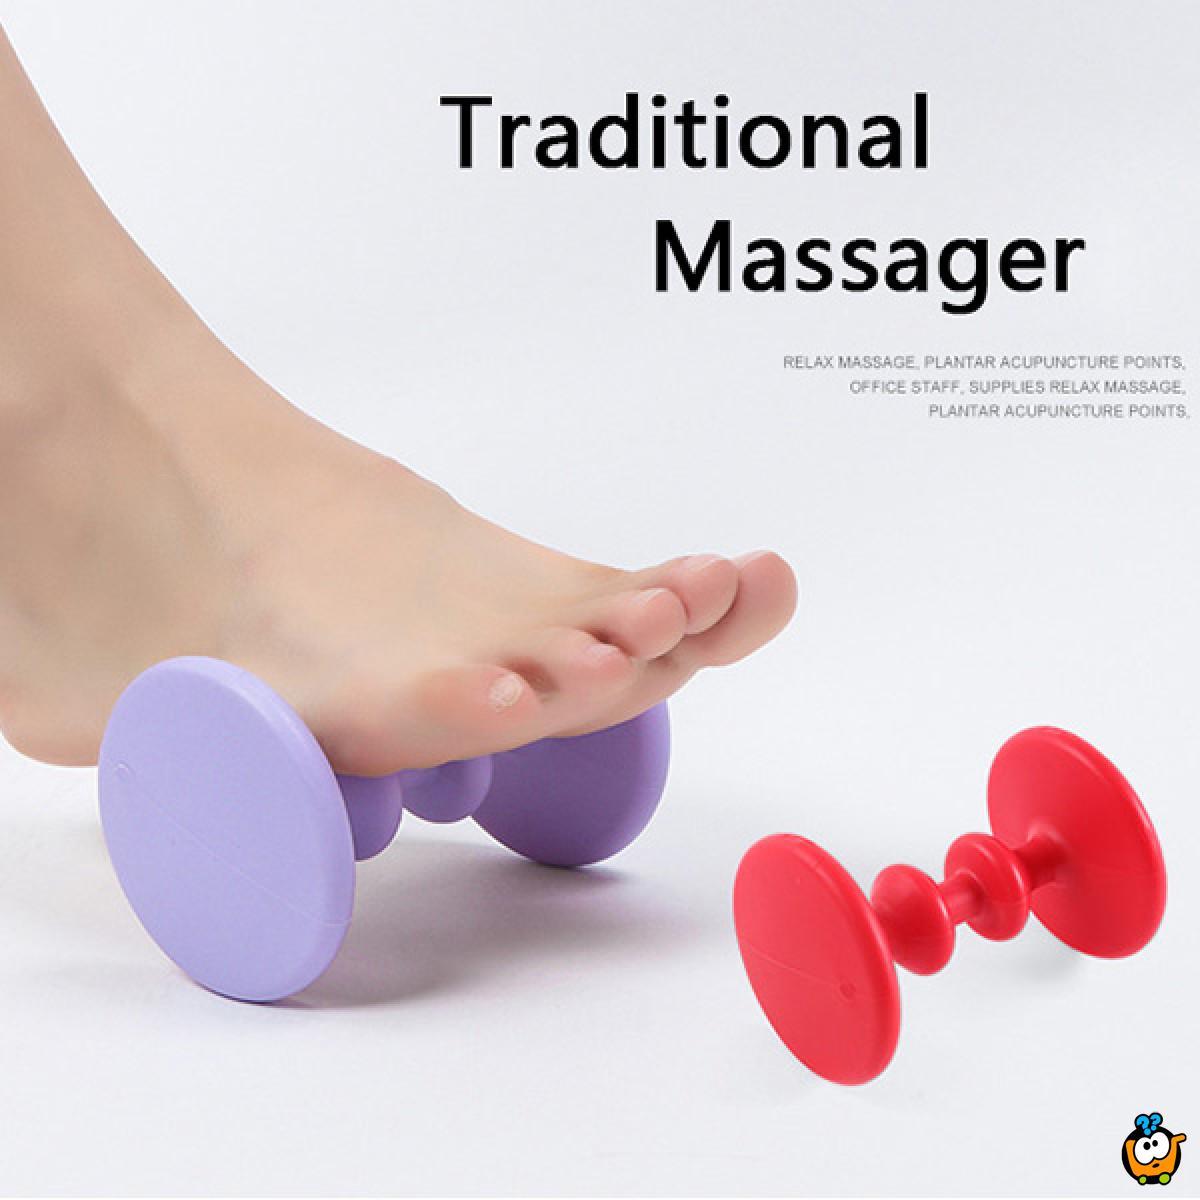 Refresh Massager - Praktični masažer za relaksaciju stopala